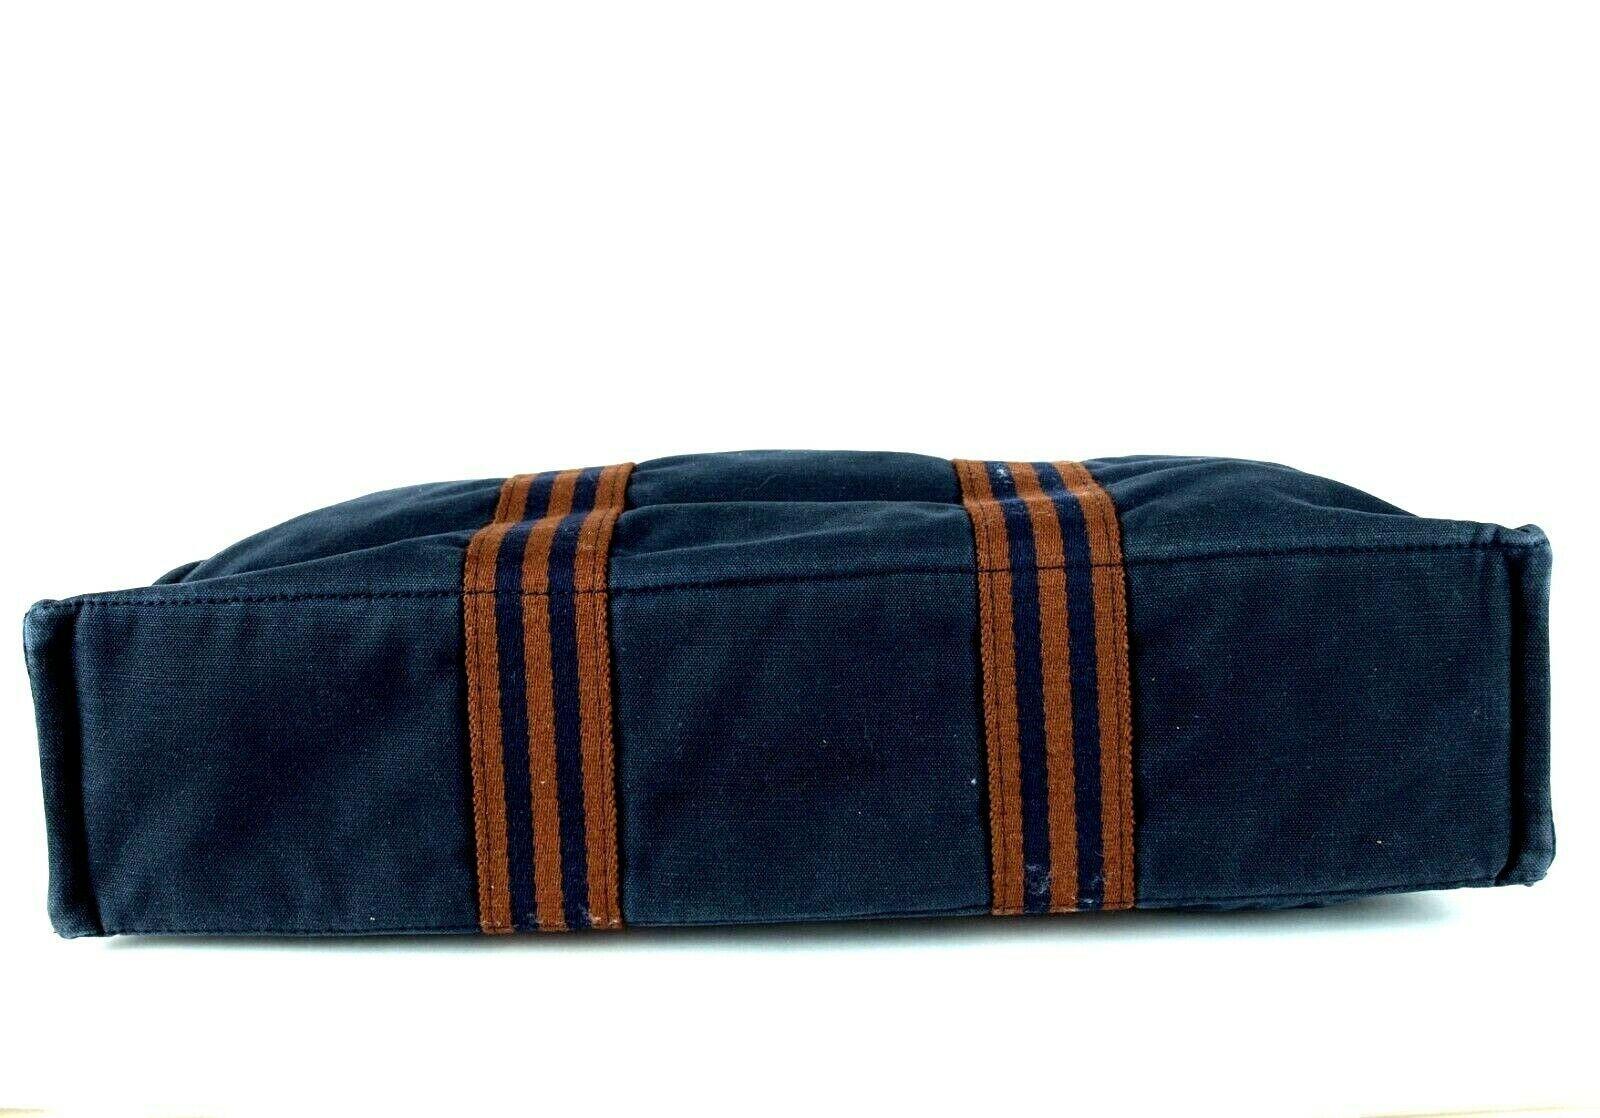 0550481228c5 Authentic HERMES Paris Fourre Tout MM Navy 100% Cotton Canvas Tote Handbag  Purse